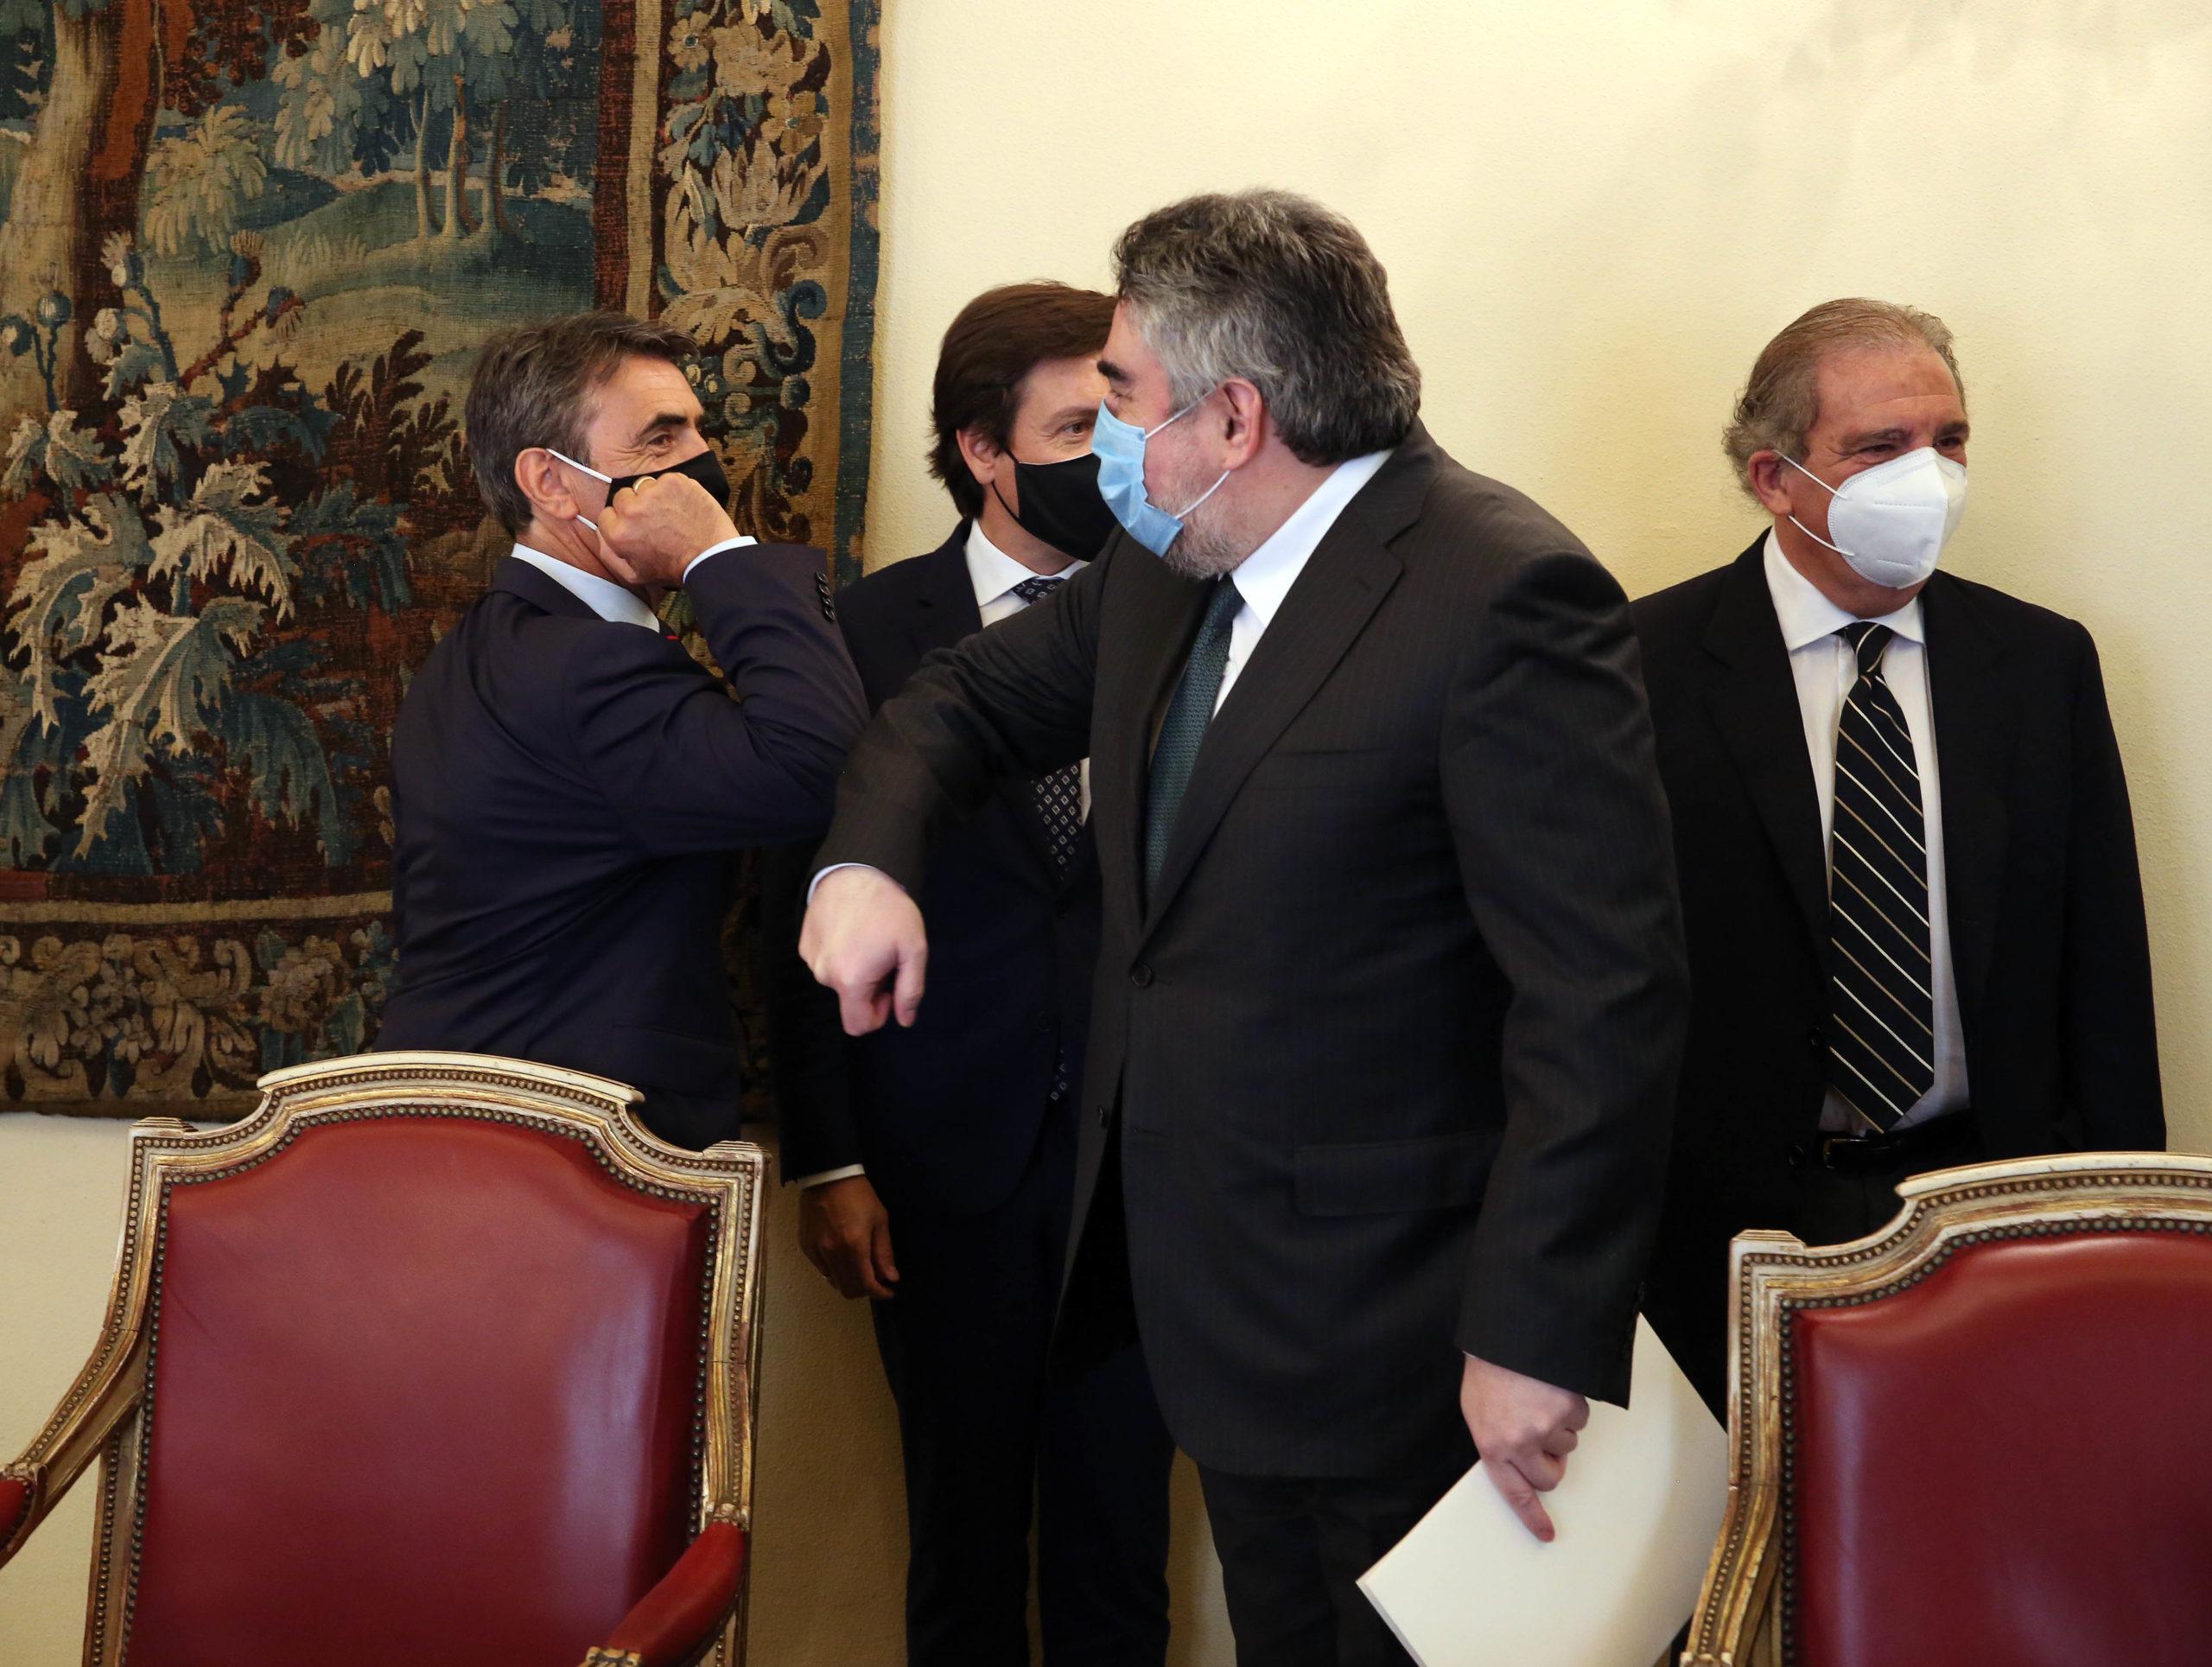 El ministro de Cultura se compromete a apoyar económicamente a la tauromaquia a través de los fondos de la Unión Europea